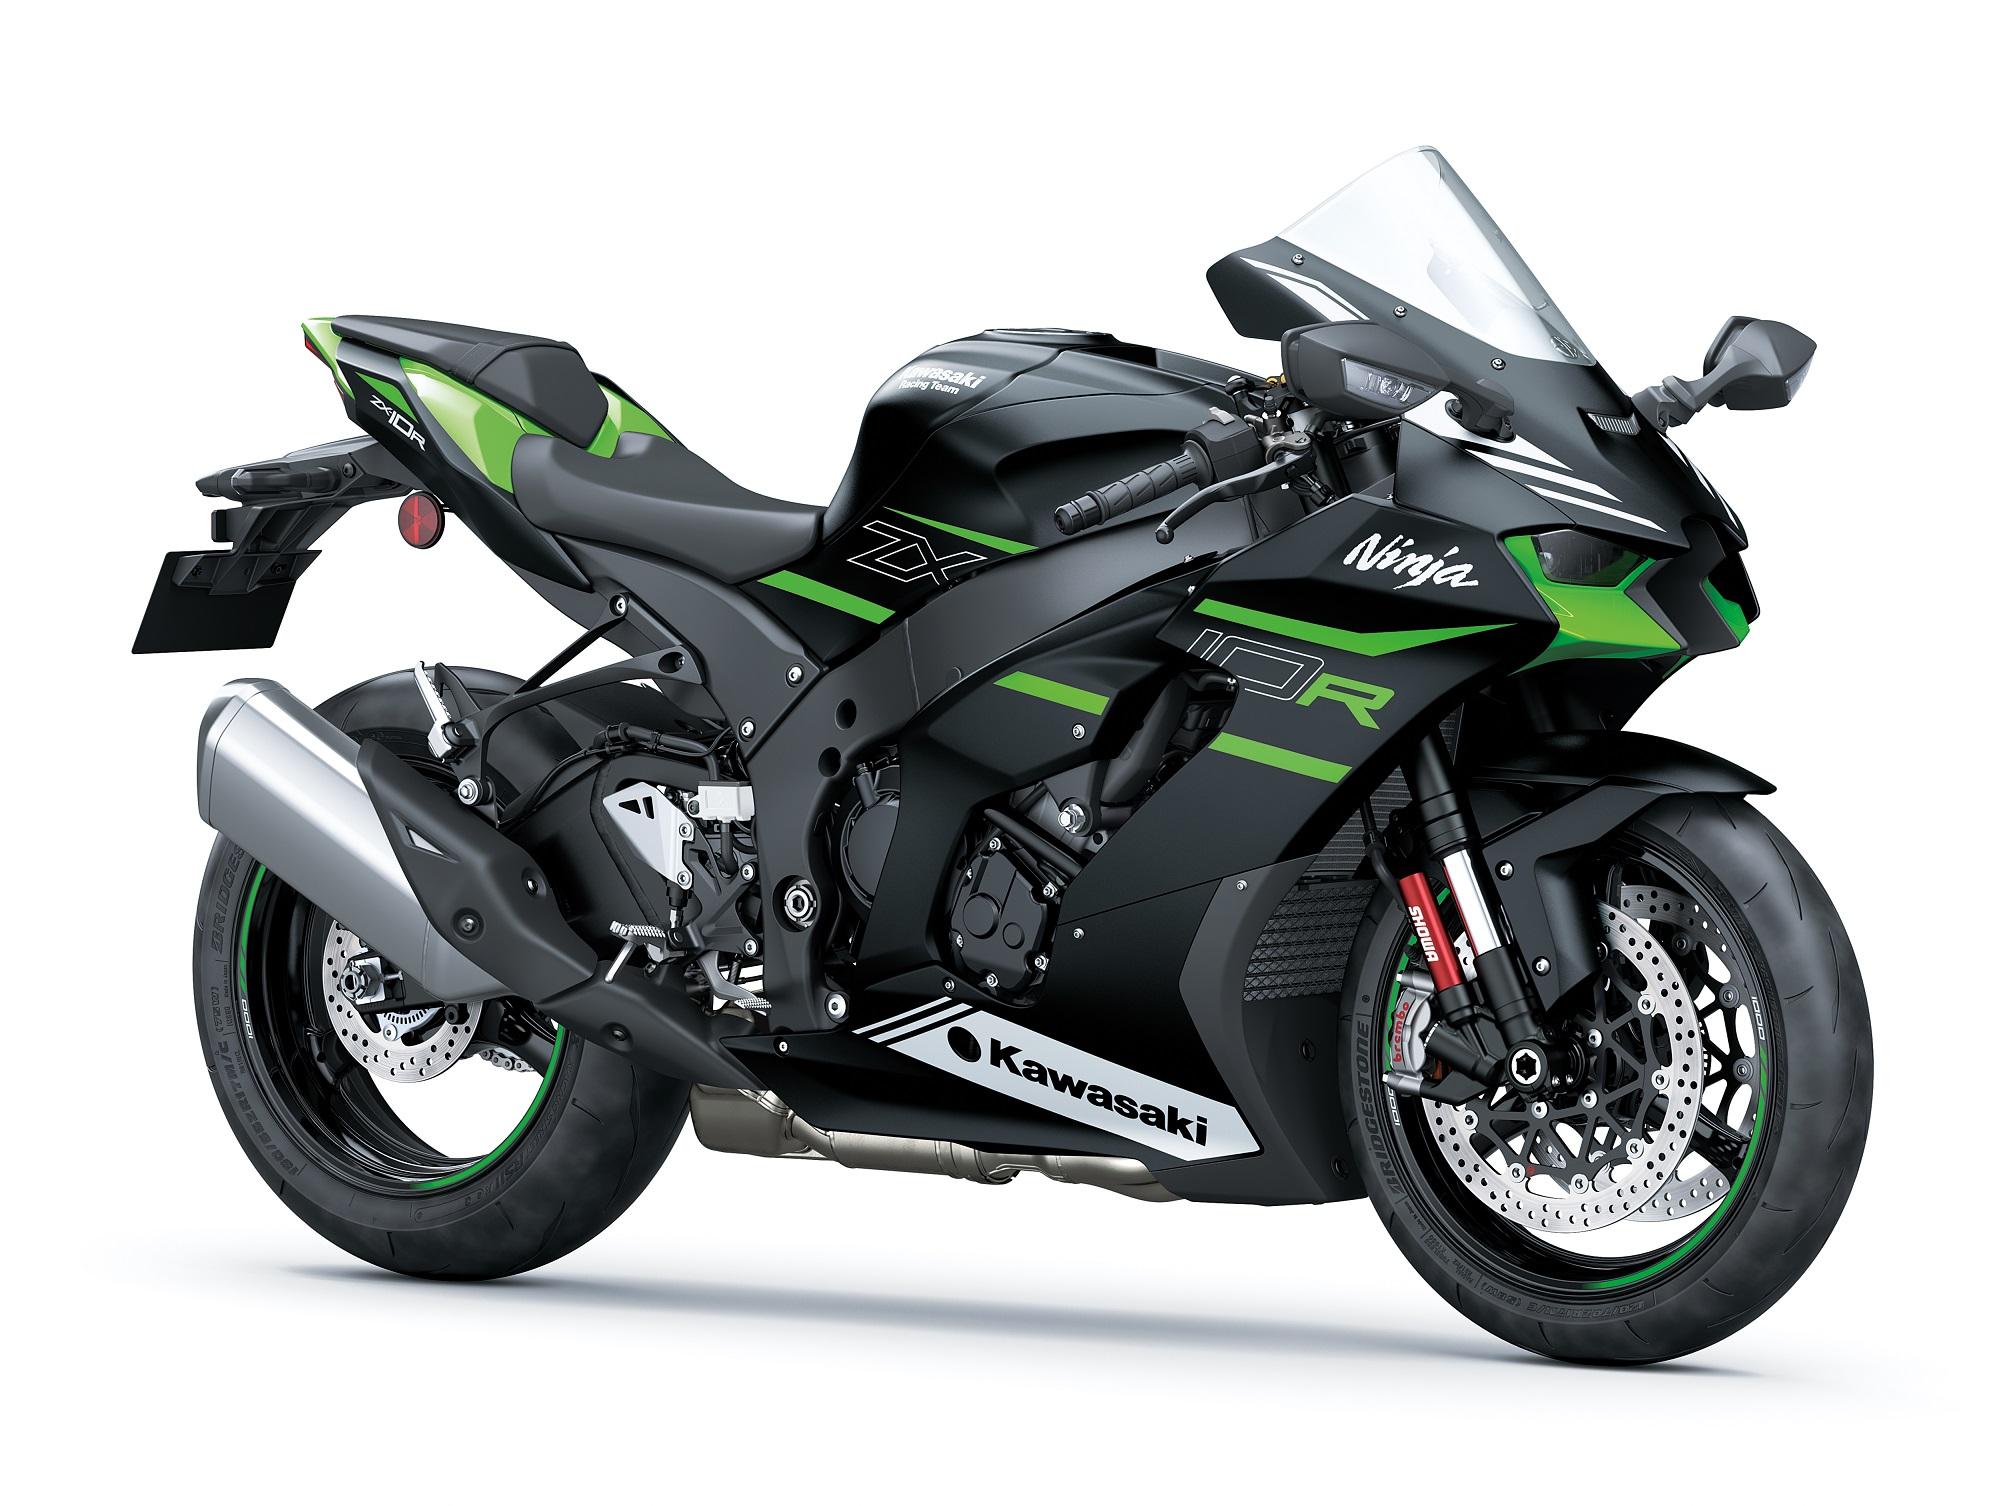 5. Kawasaki Ninja Zx 10r 2022